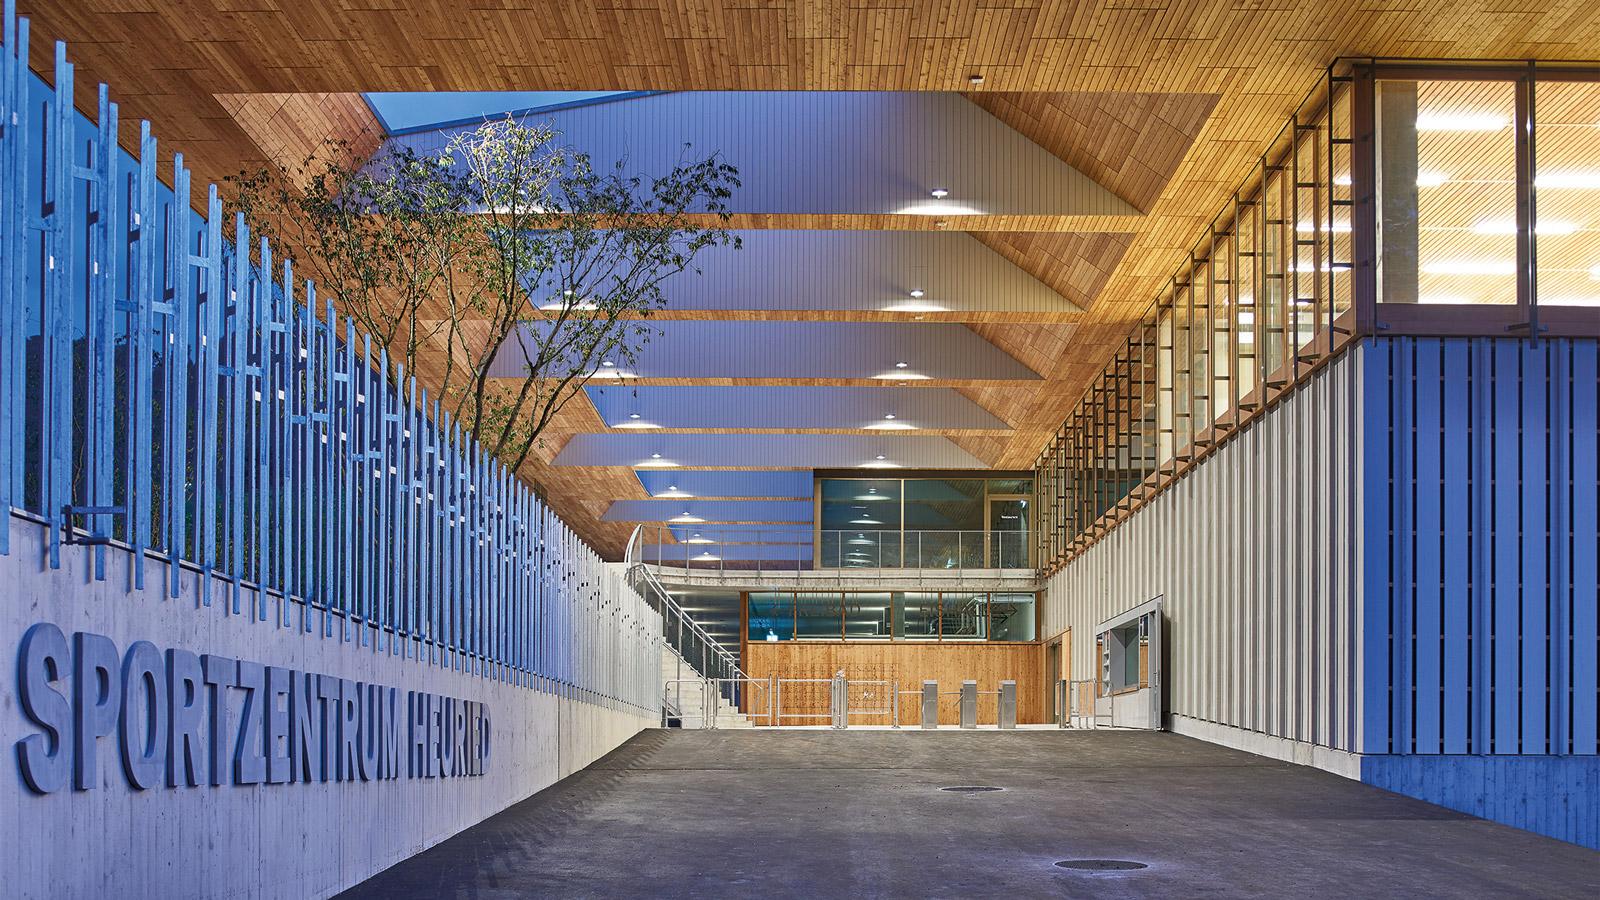 Sportzentrum Heuried Eingangsbereich (© Theodor Stalder, Zürich)